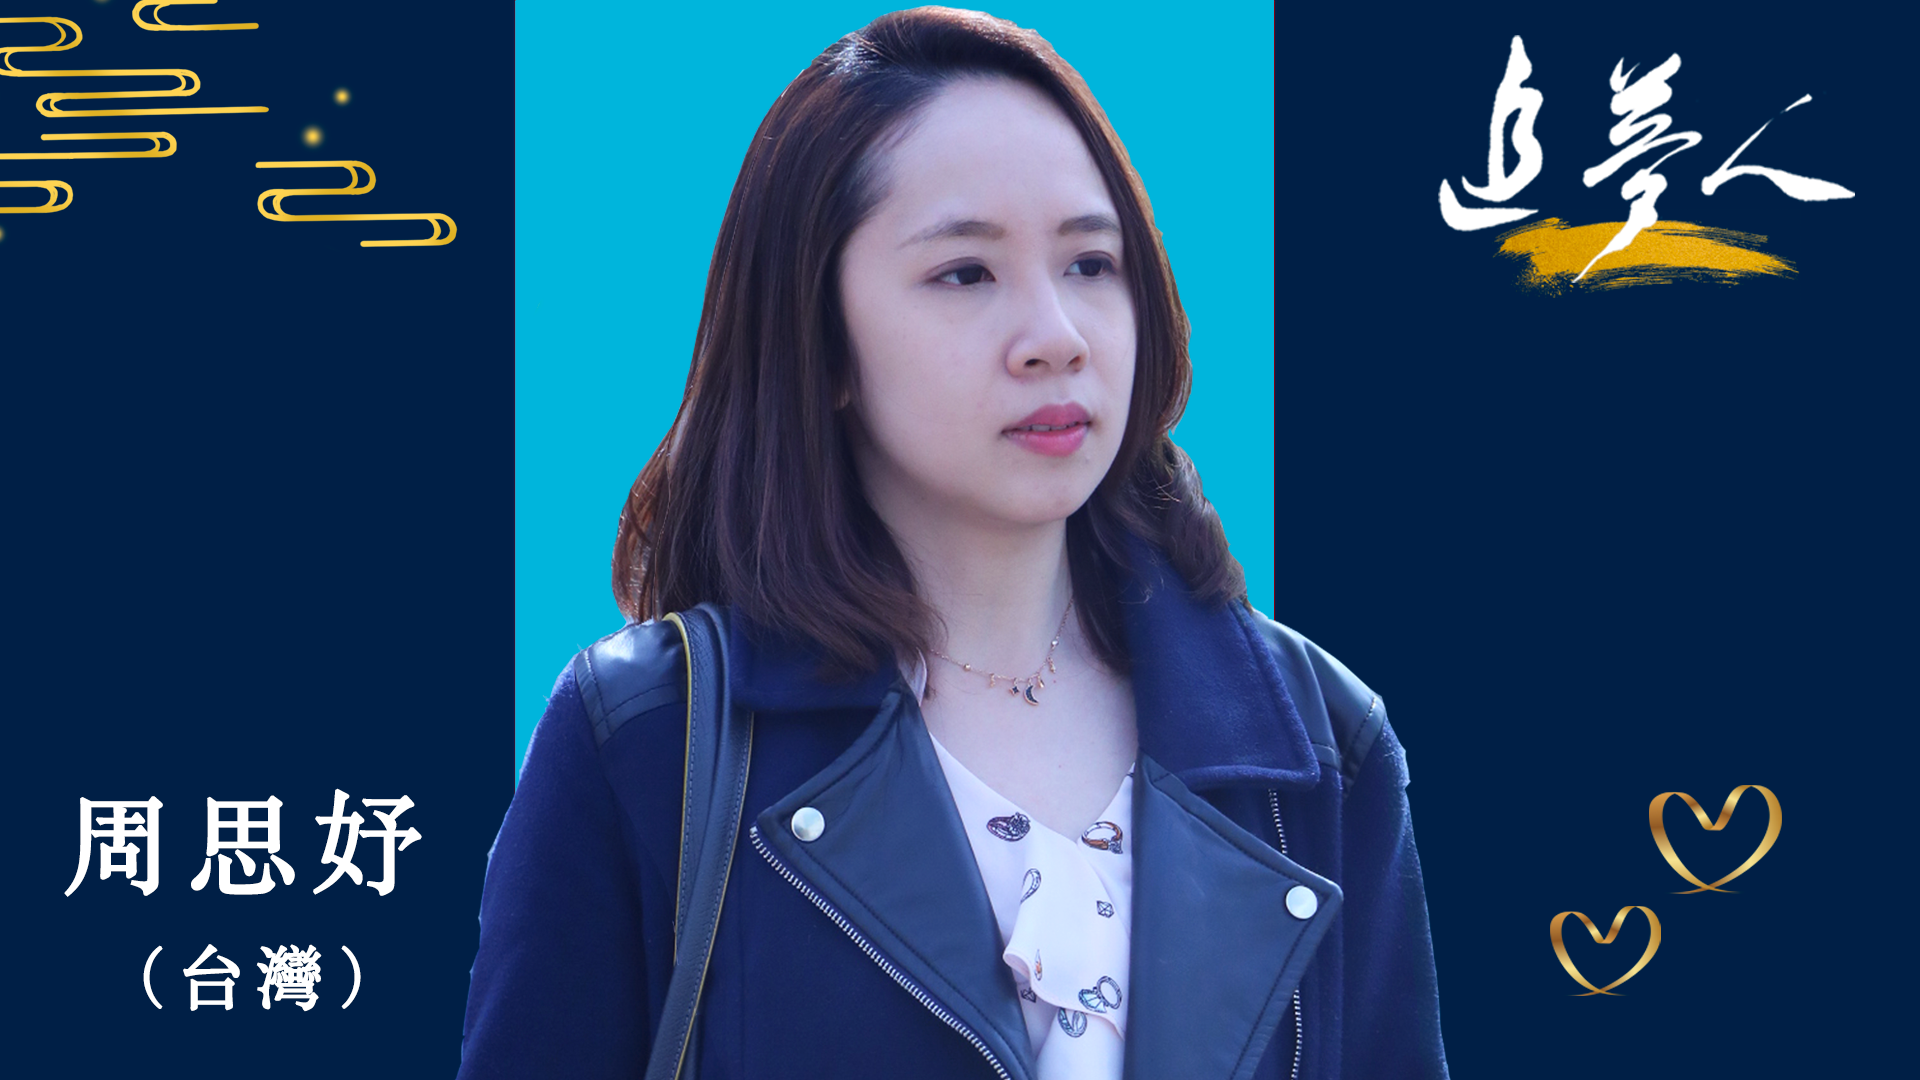 《追梦人》第1集:周思妤《感动!台湾美女记者北大毕业留京,用大数据助两岸老兵寻亲》